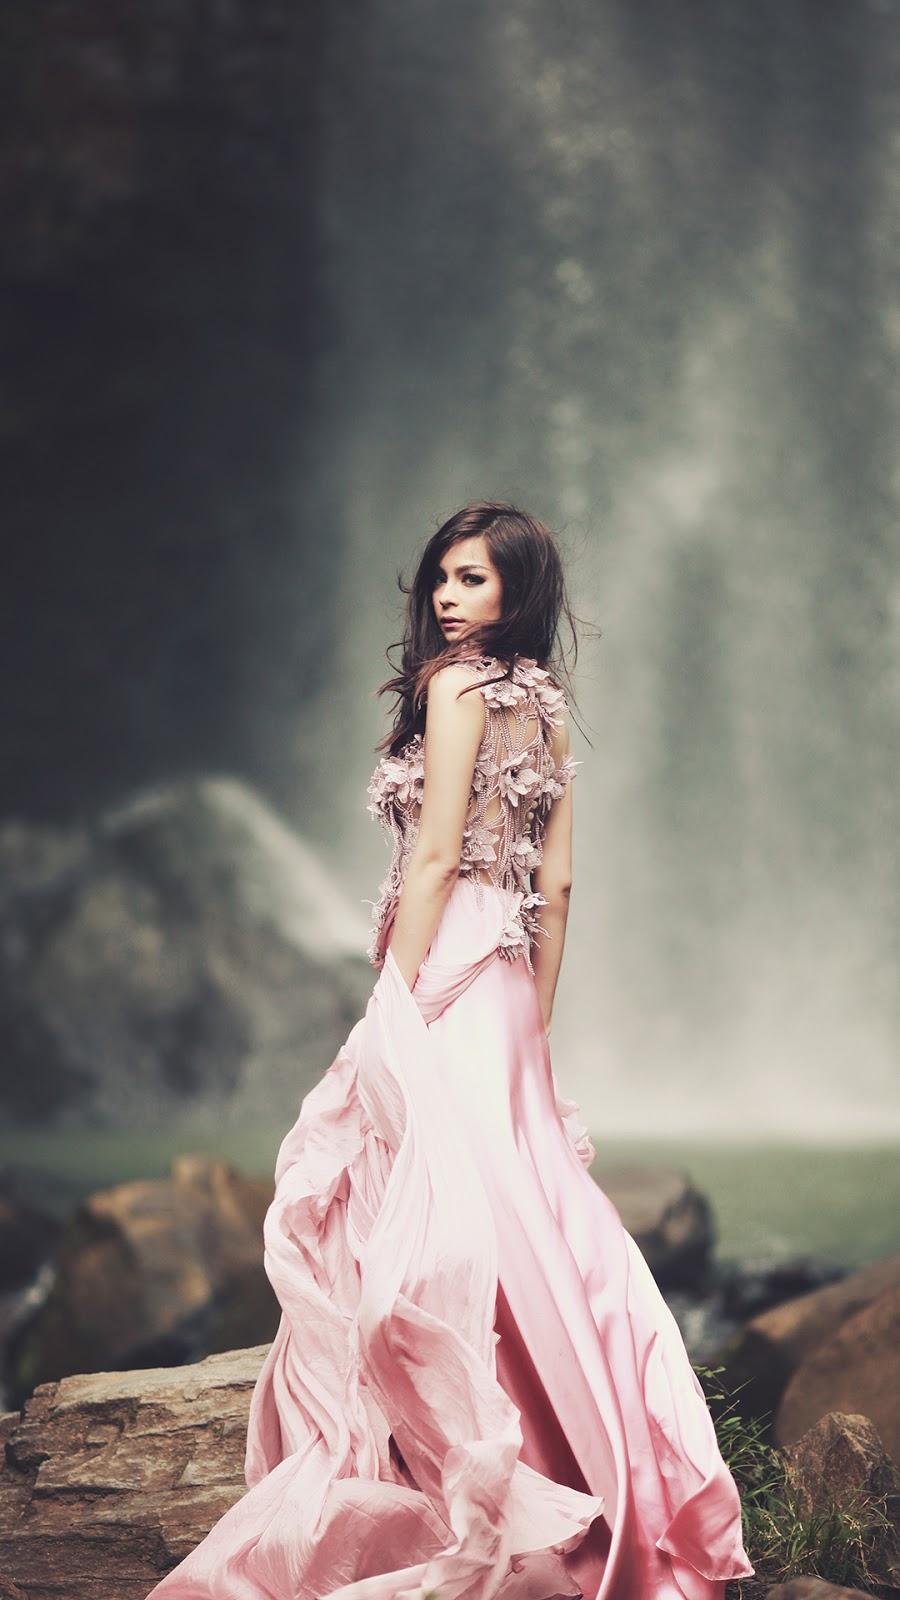 Wallpaper HD Presenter Seksi Sandra Olga gaun mewah dan klasik